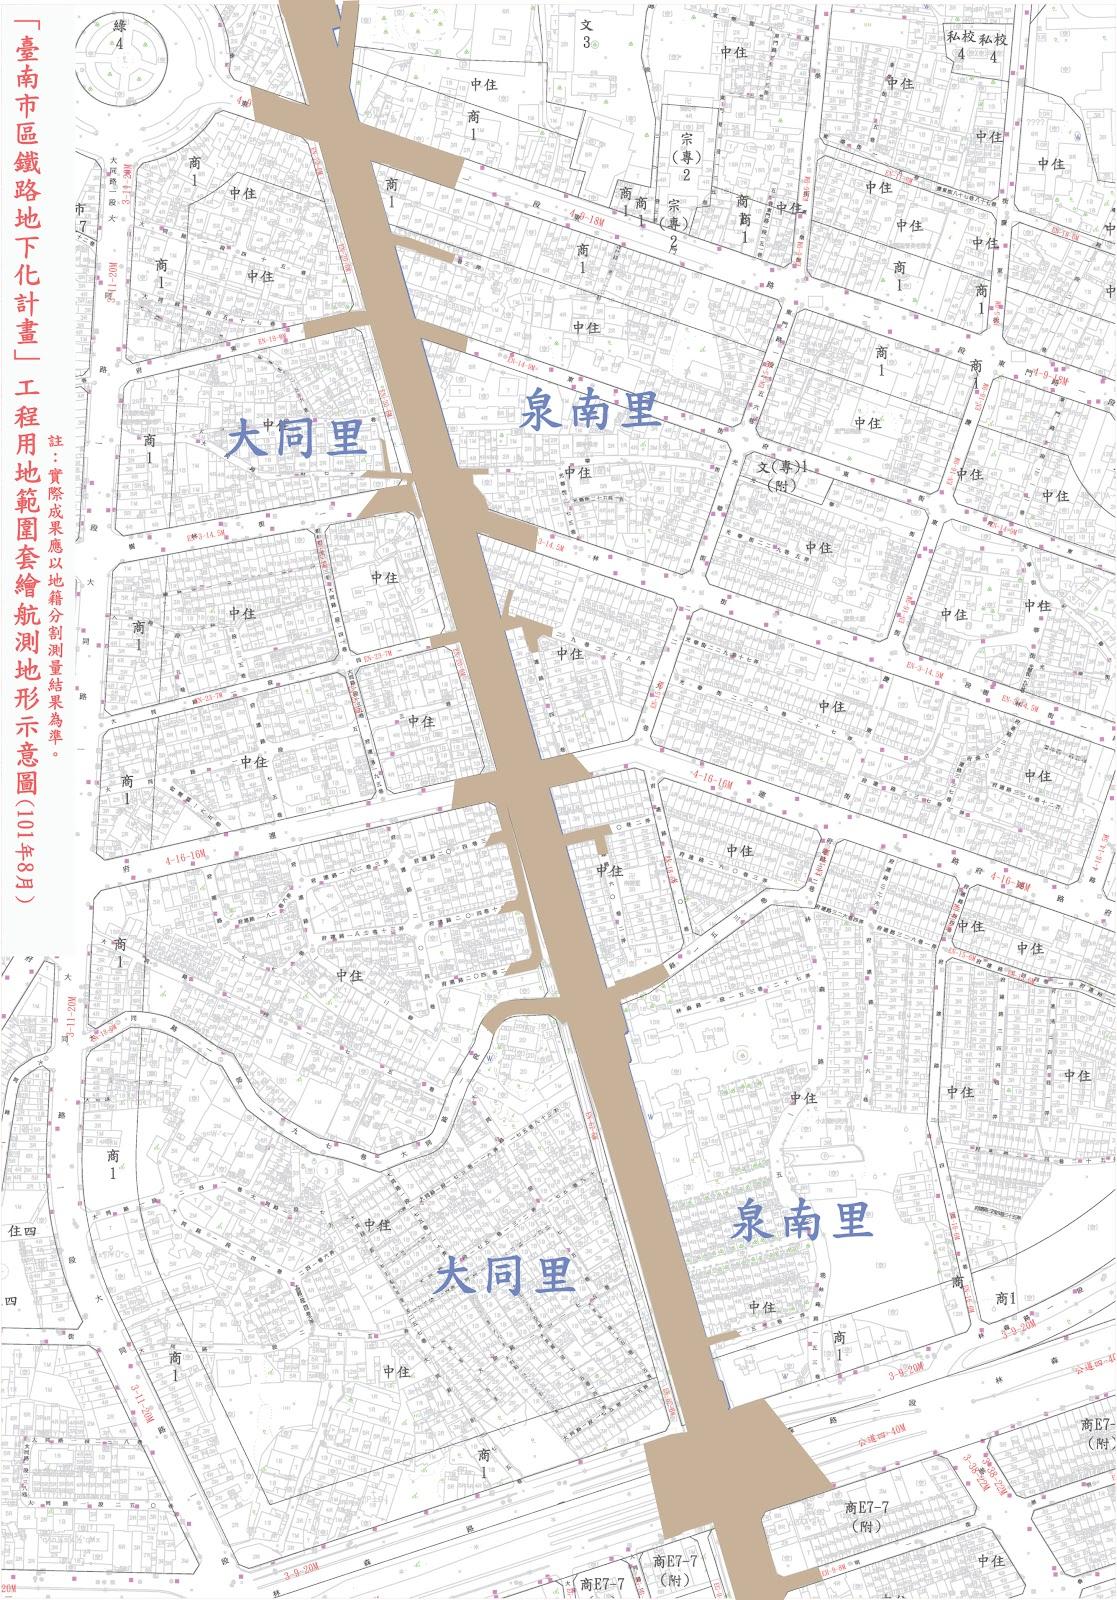 台南鐵路地下化航測圖-大同里-理想路廊.jpg